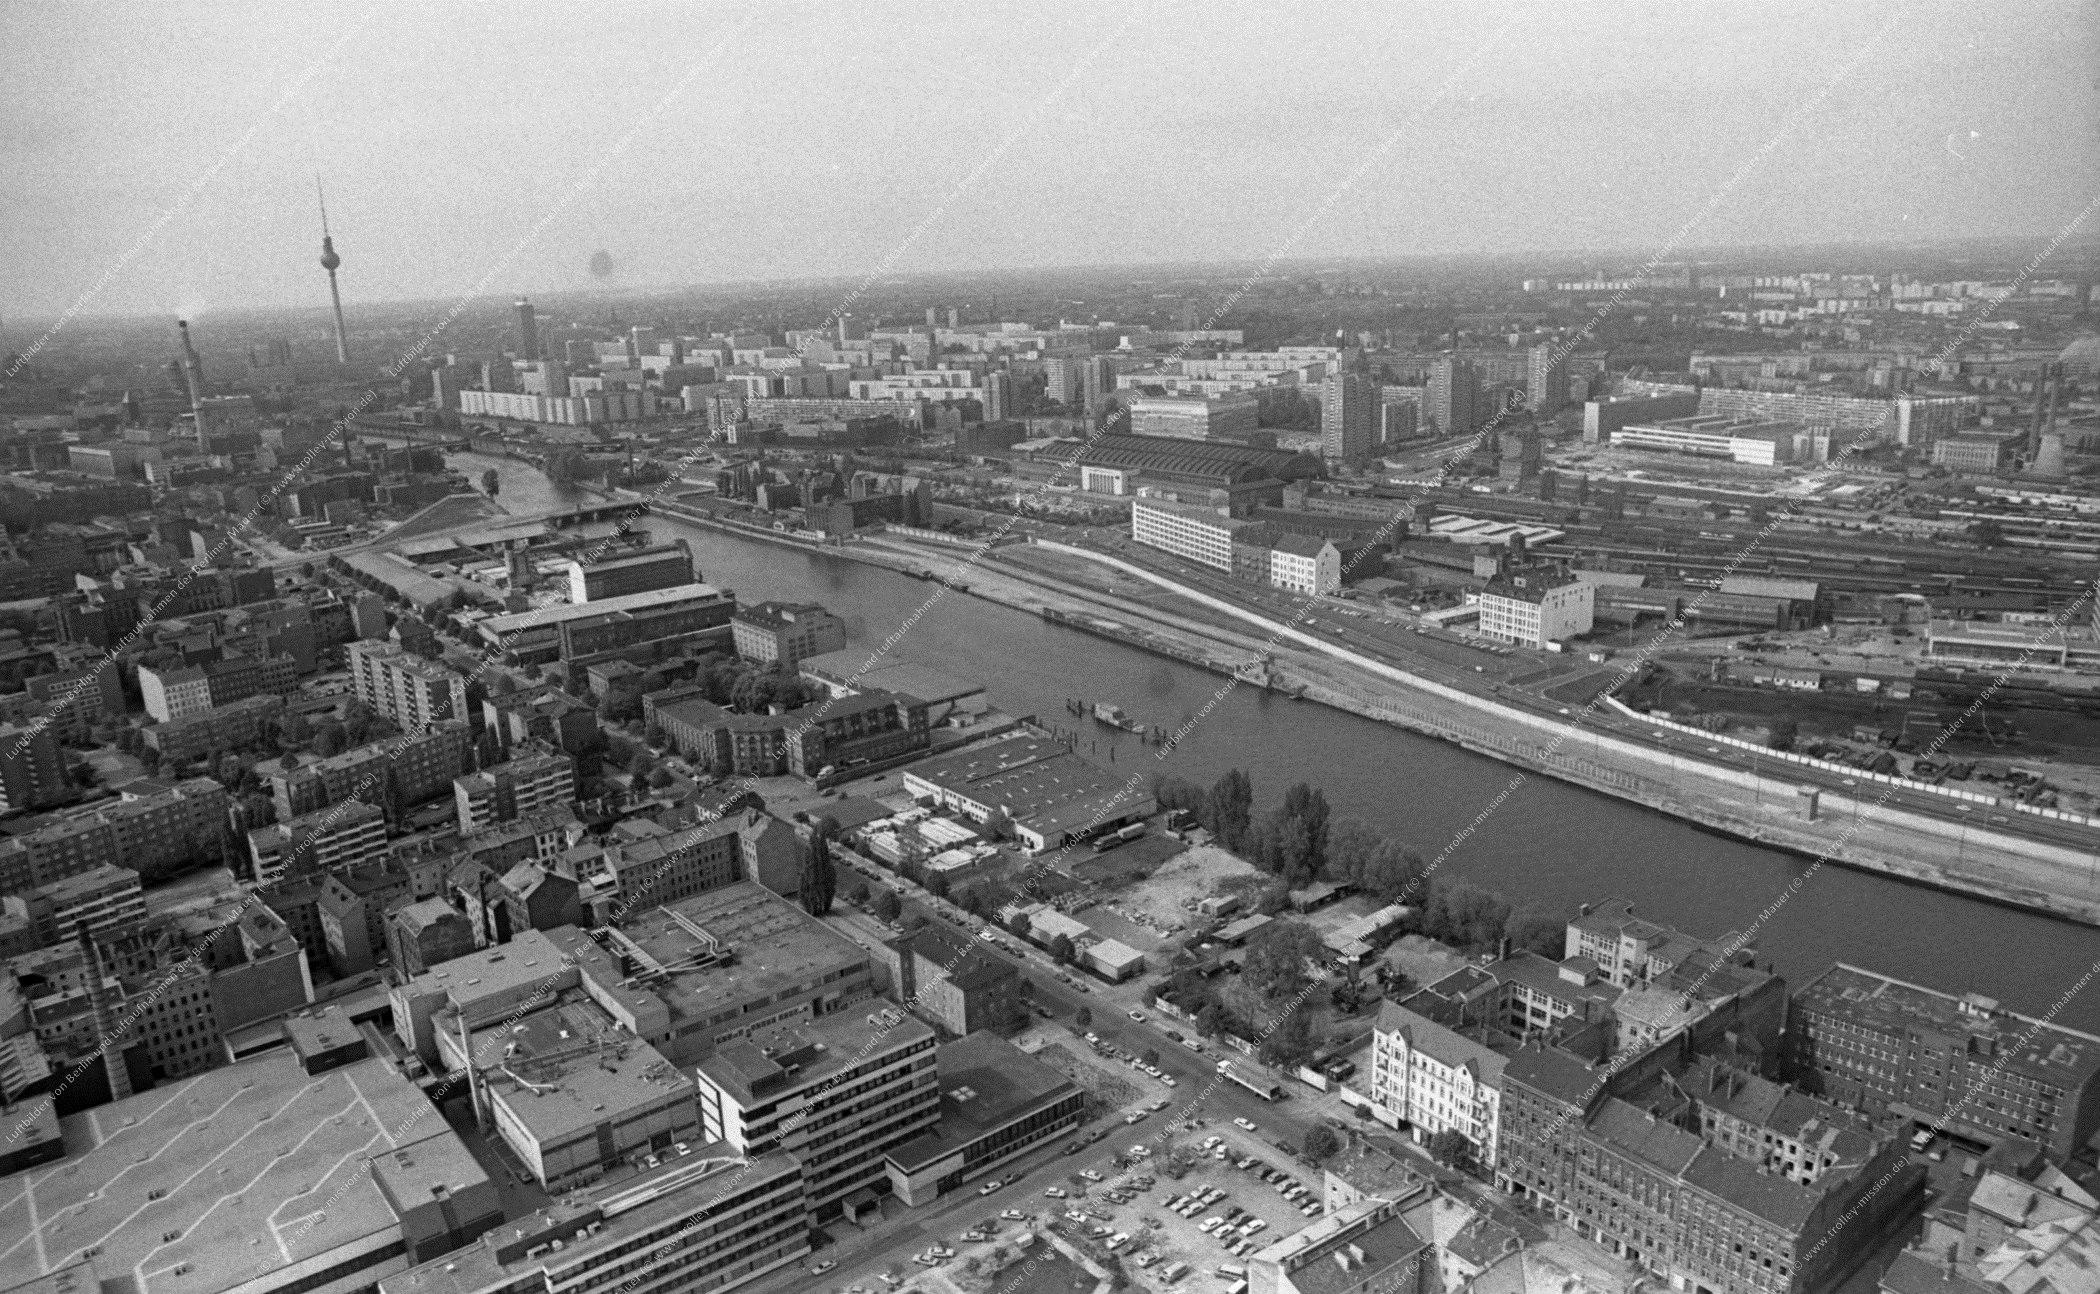 Berlin Luftaufnahme vom 12. Mai 1982 - Unbekannter Abschnitt der Berliner Mauer bzw. Grenze zur DDR (Bild 063)